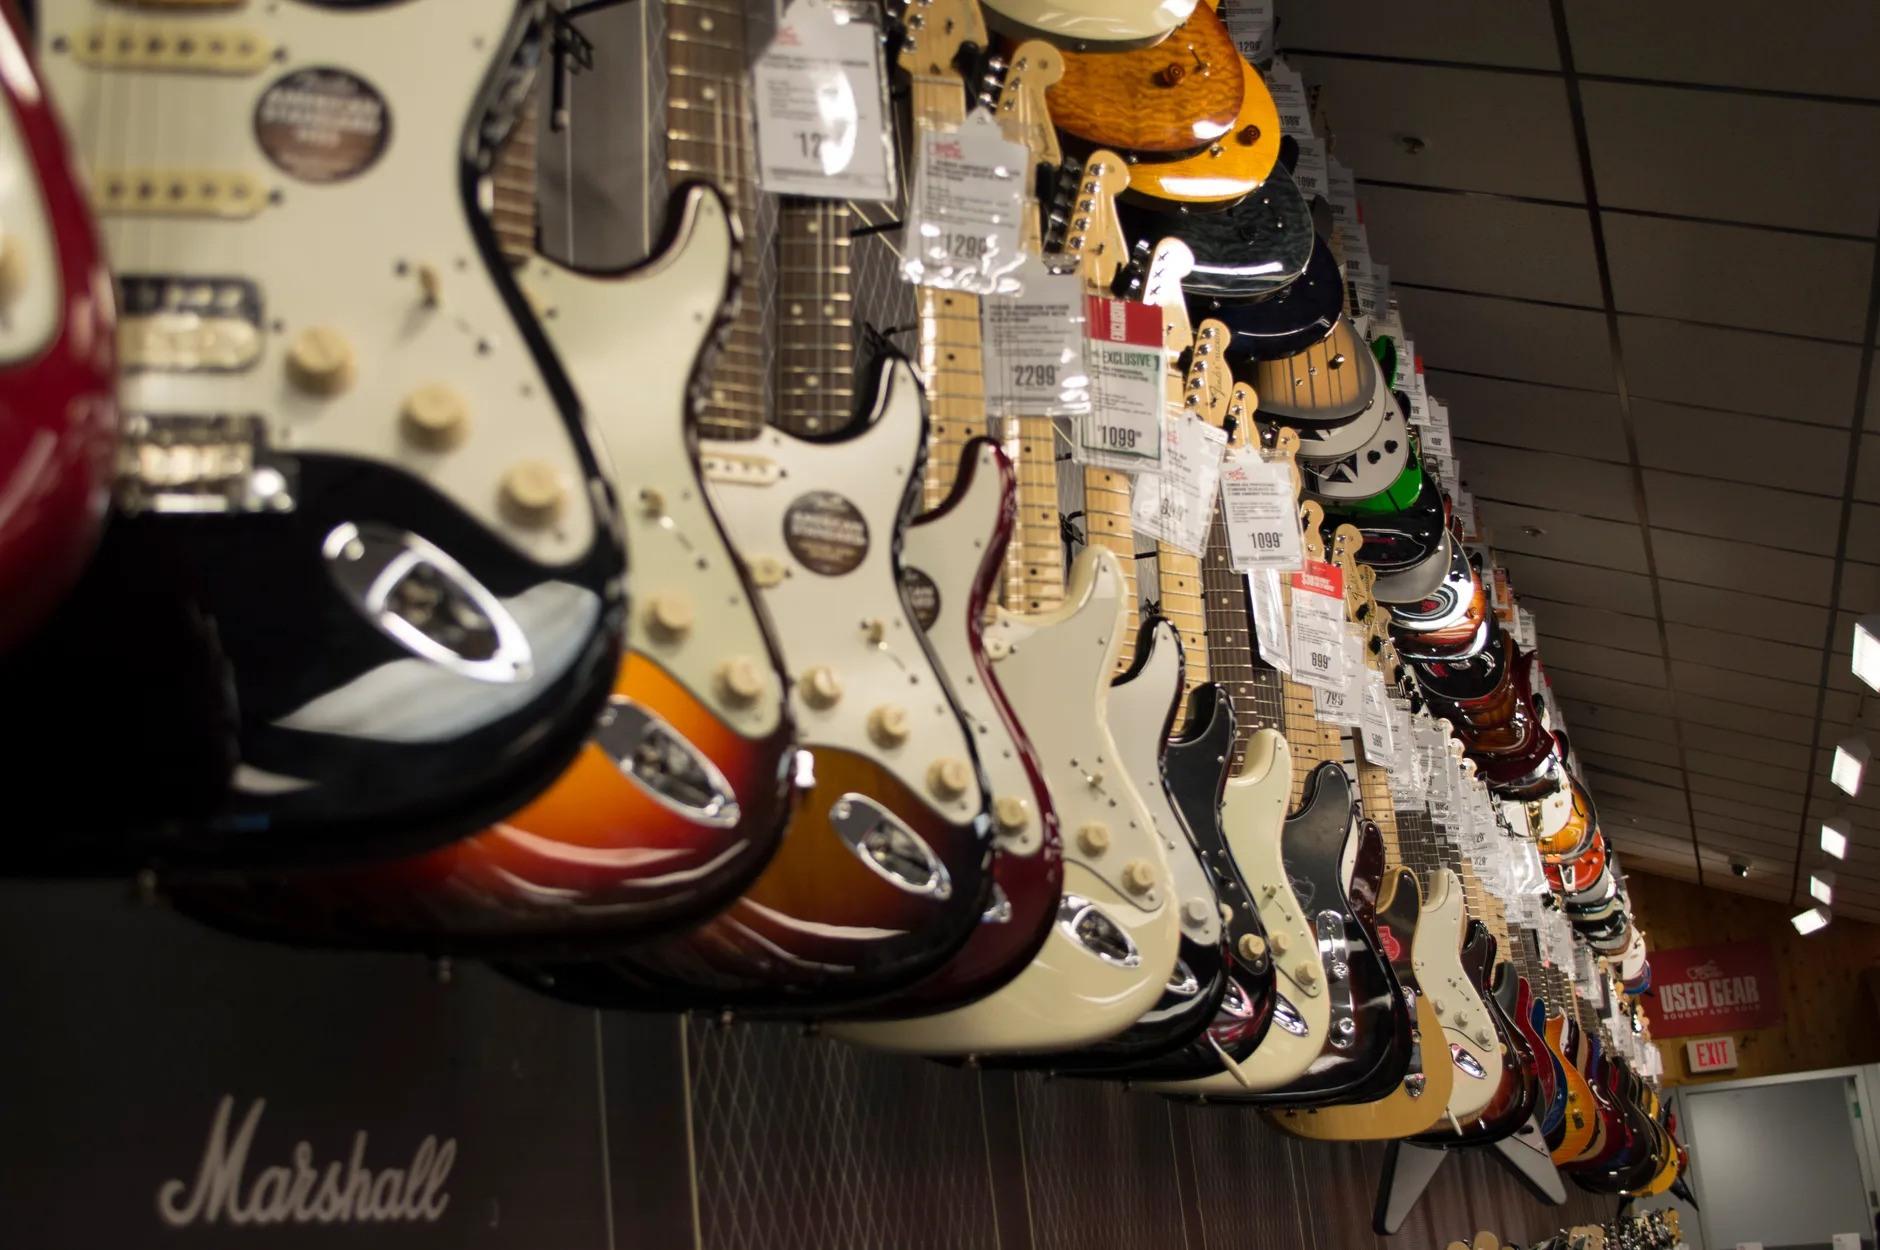 guitars hanging guitar store